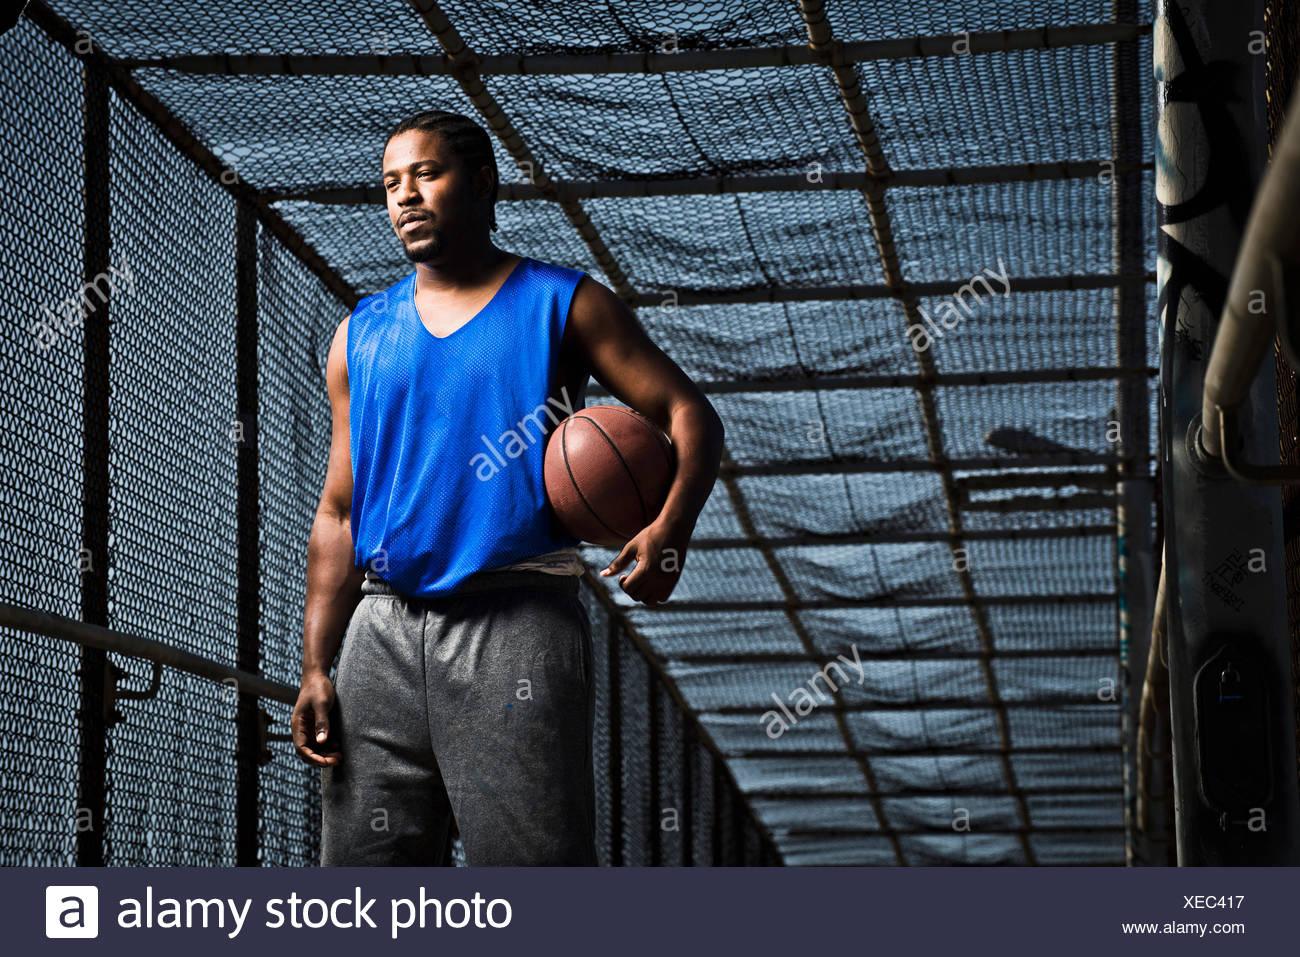 Un jeune homme pose avec un terrain de basket-ball sur un pont. Photo Stock